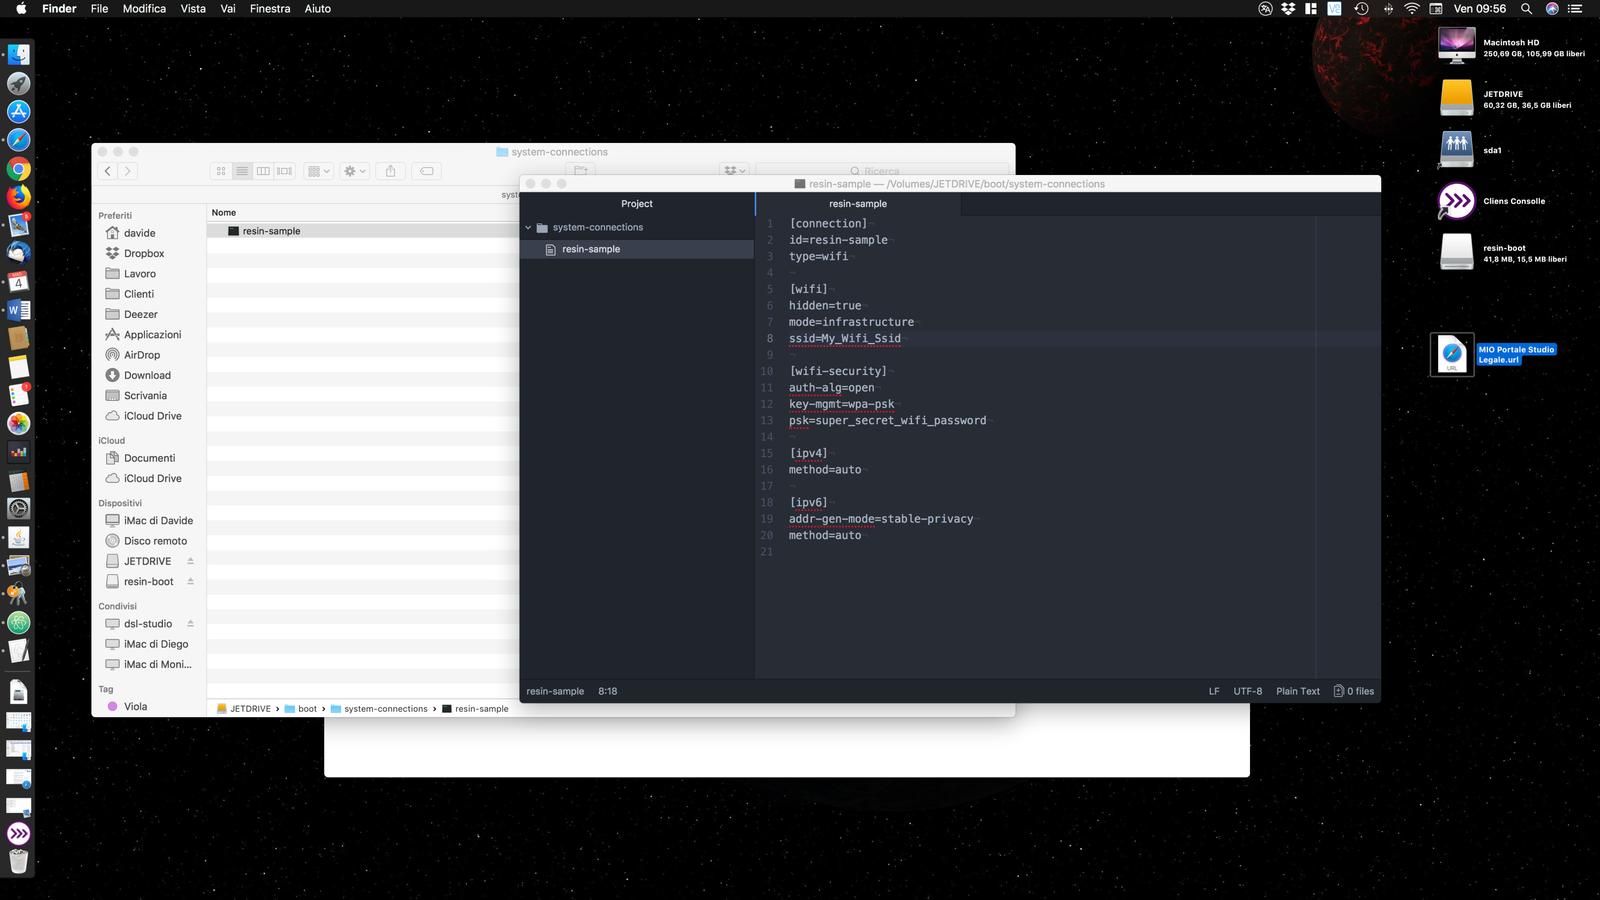 Guida: come installare e configurare Home Assistant su Raspberry Pi